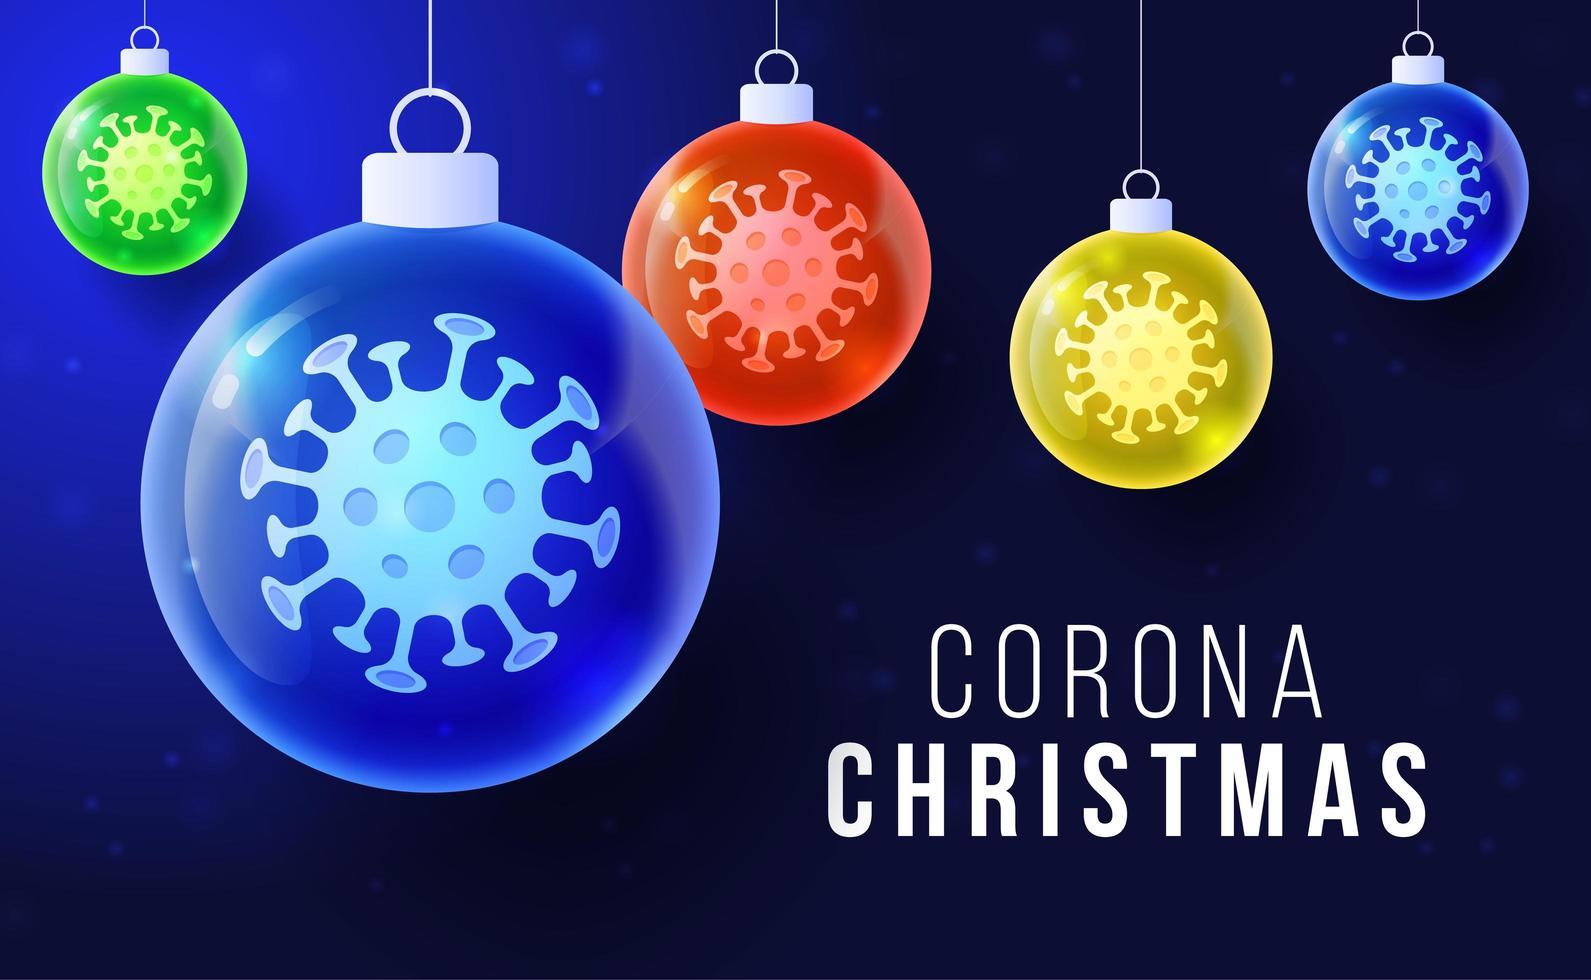 coronavirus julkoncept med glänsande bollprydnader vektor